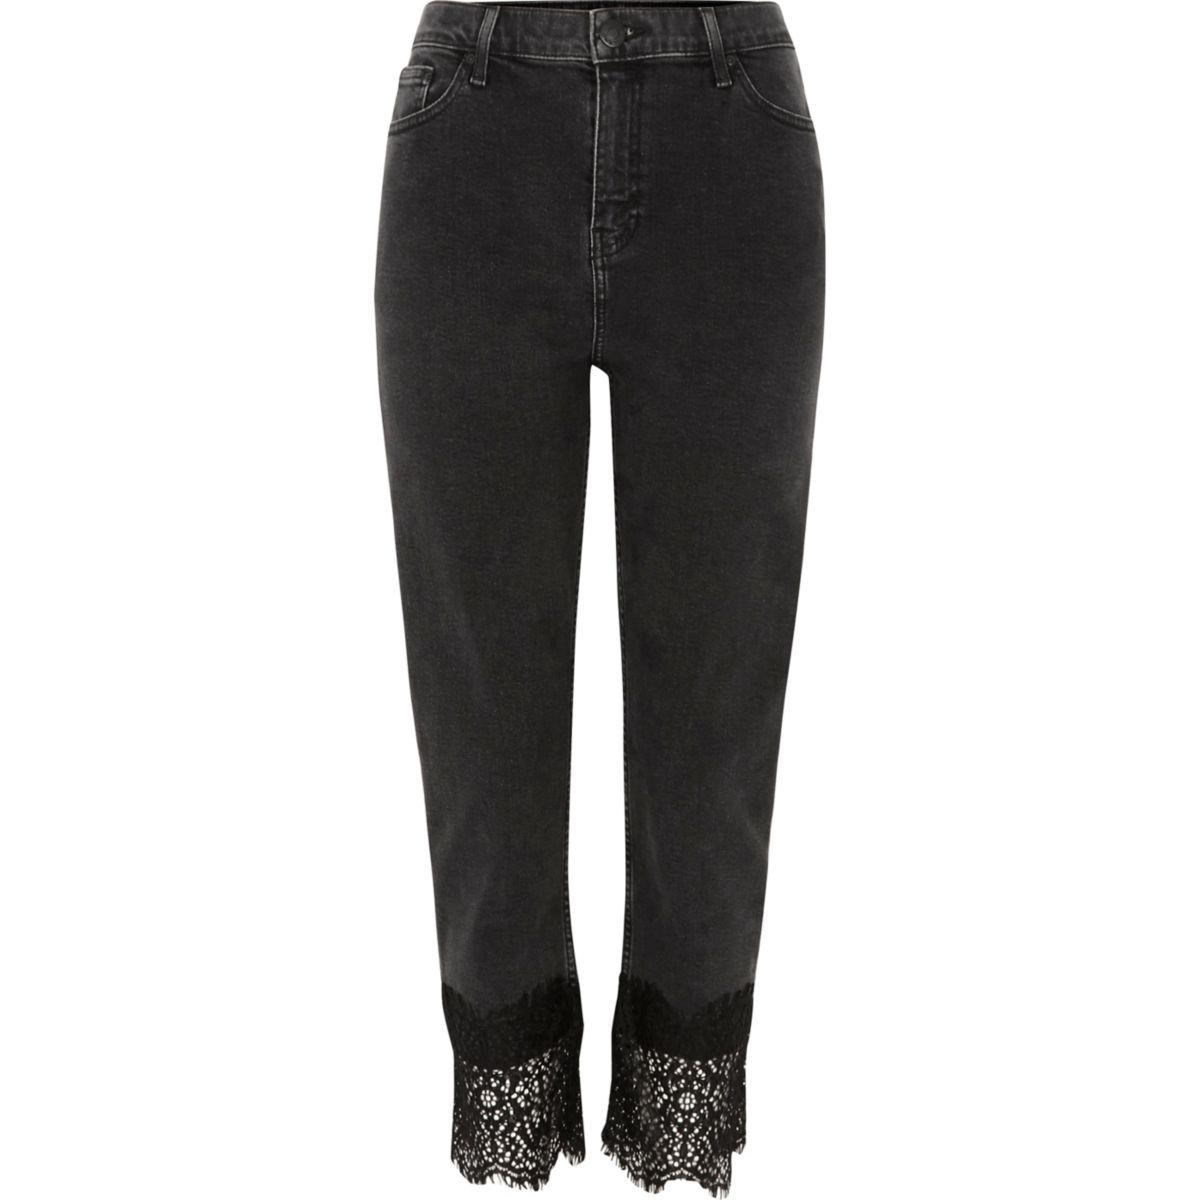 Bella – Schwarze Jeans mit geradem Bein und Spitzensaum